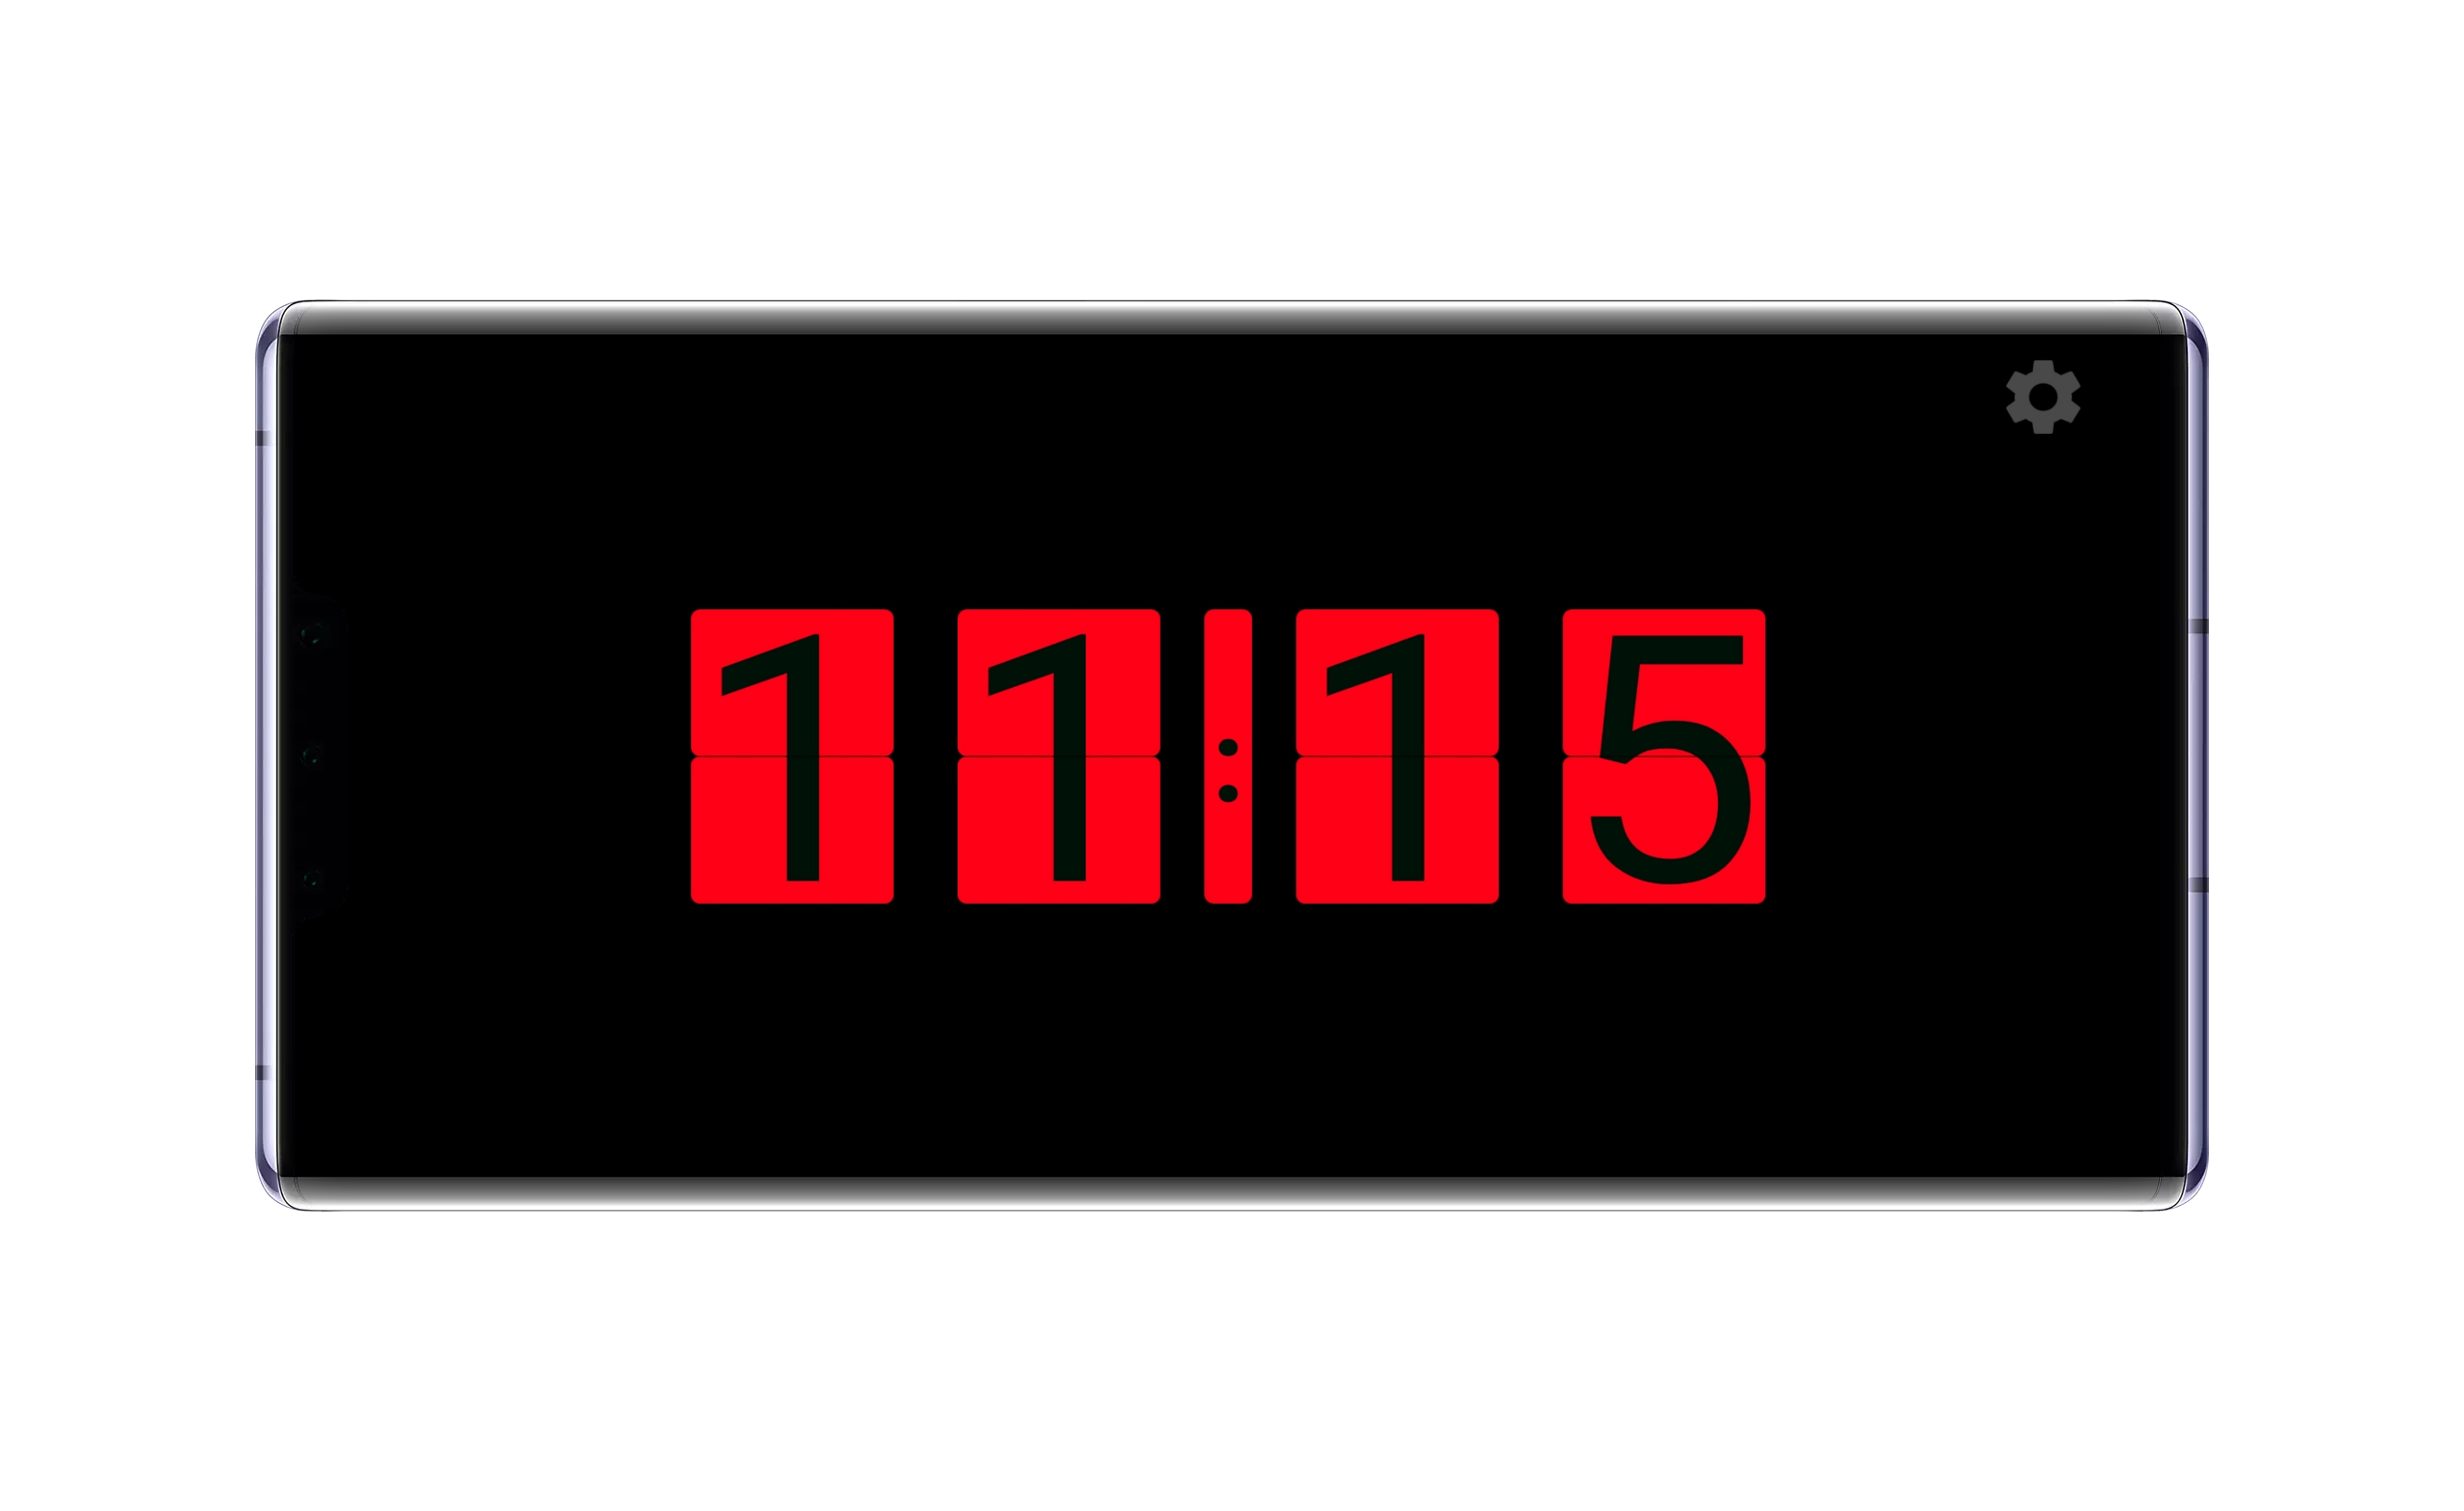 【分享】Awesome Clock - 翻页时钟 1.0.1 -